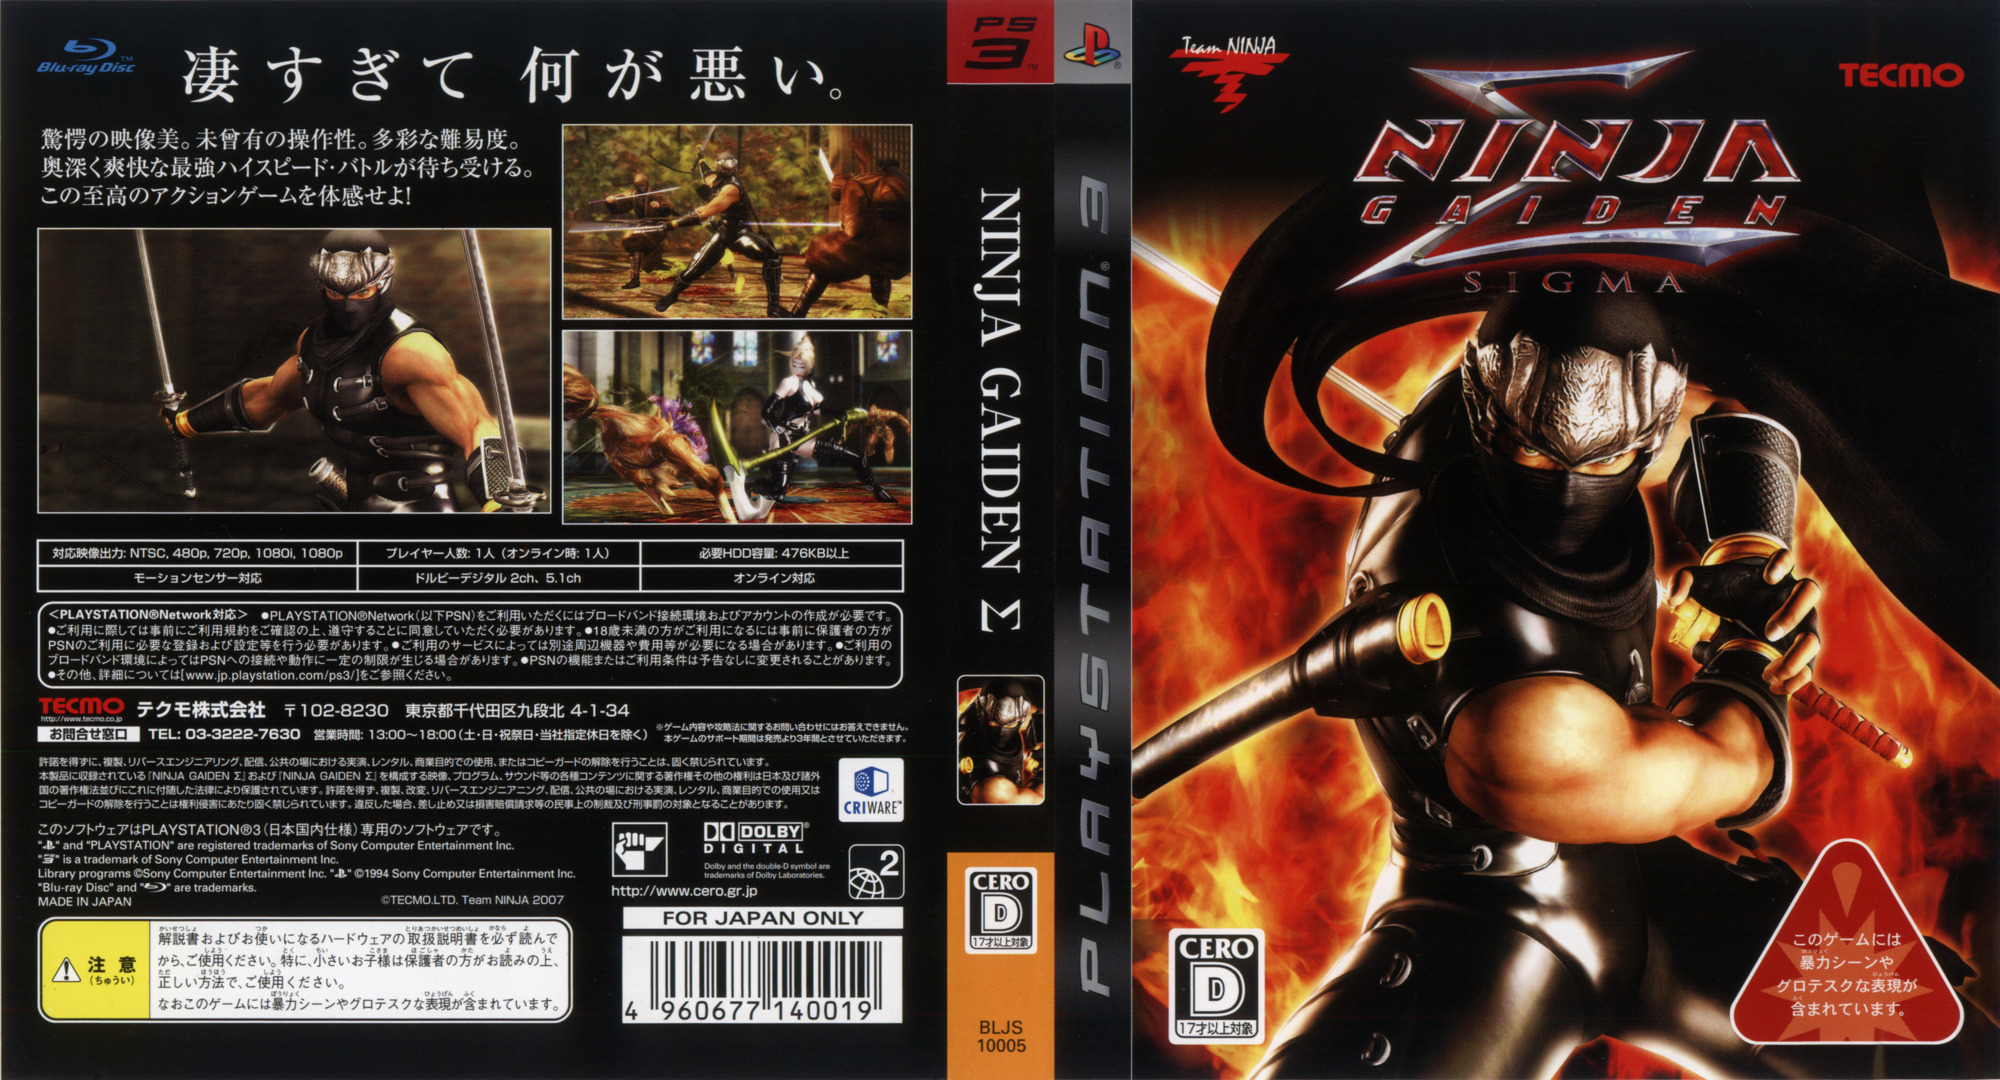 ニンジャガイデン シグマ PS3 coverfullHQ (BLJS10005)